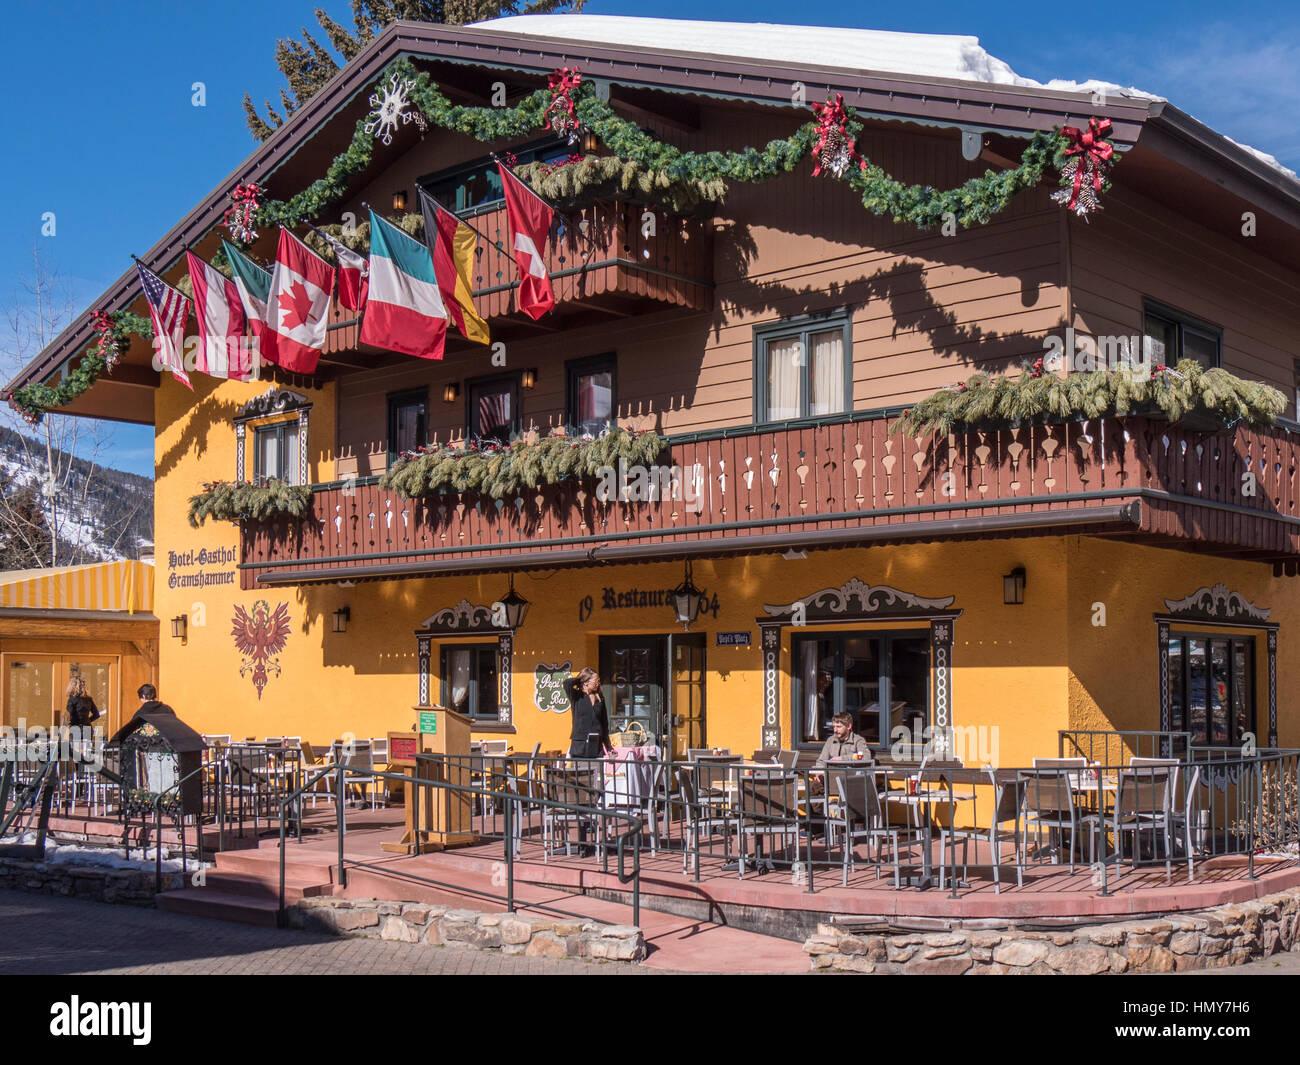 Hotel gasthof gramshammer vail village winter vail ski resort vail colorado